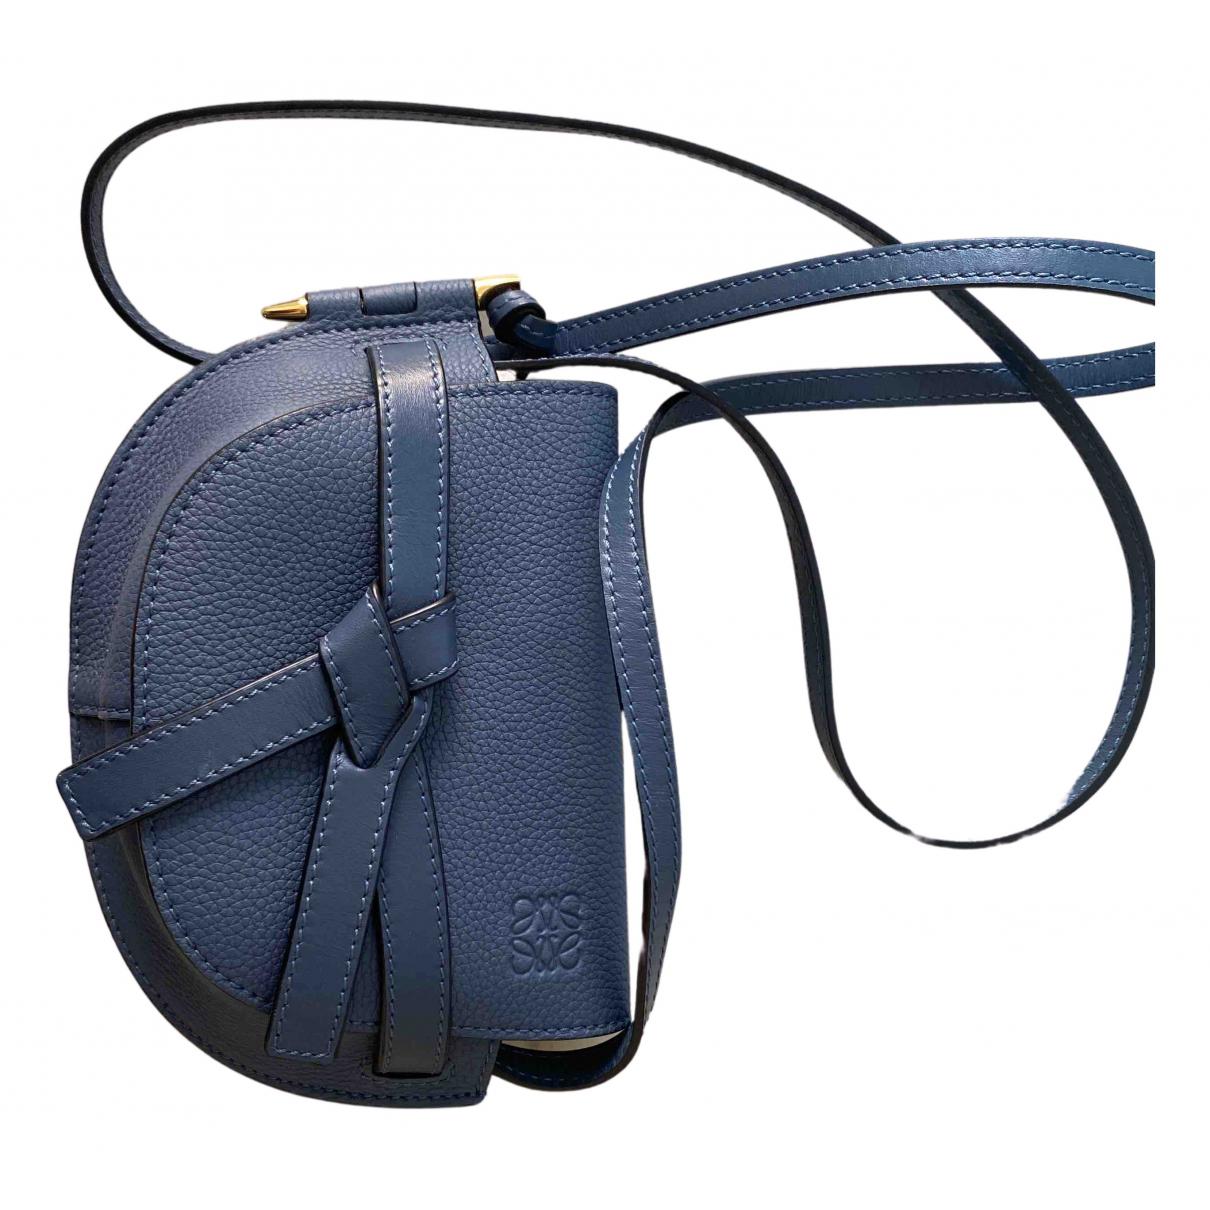 Loewe - Sac a main Gate pour femme en cuir - bleu